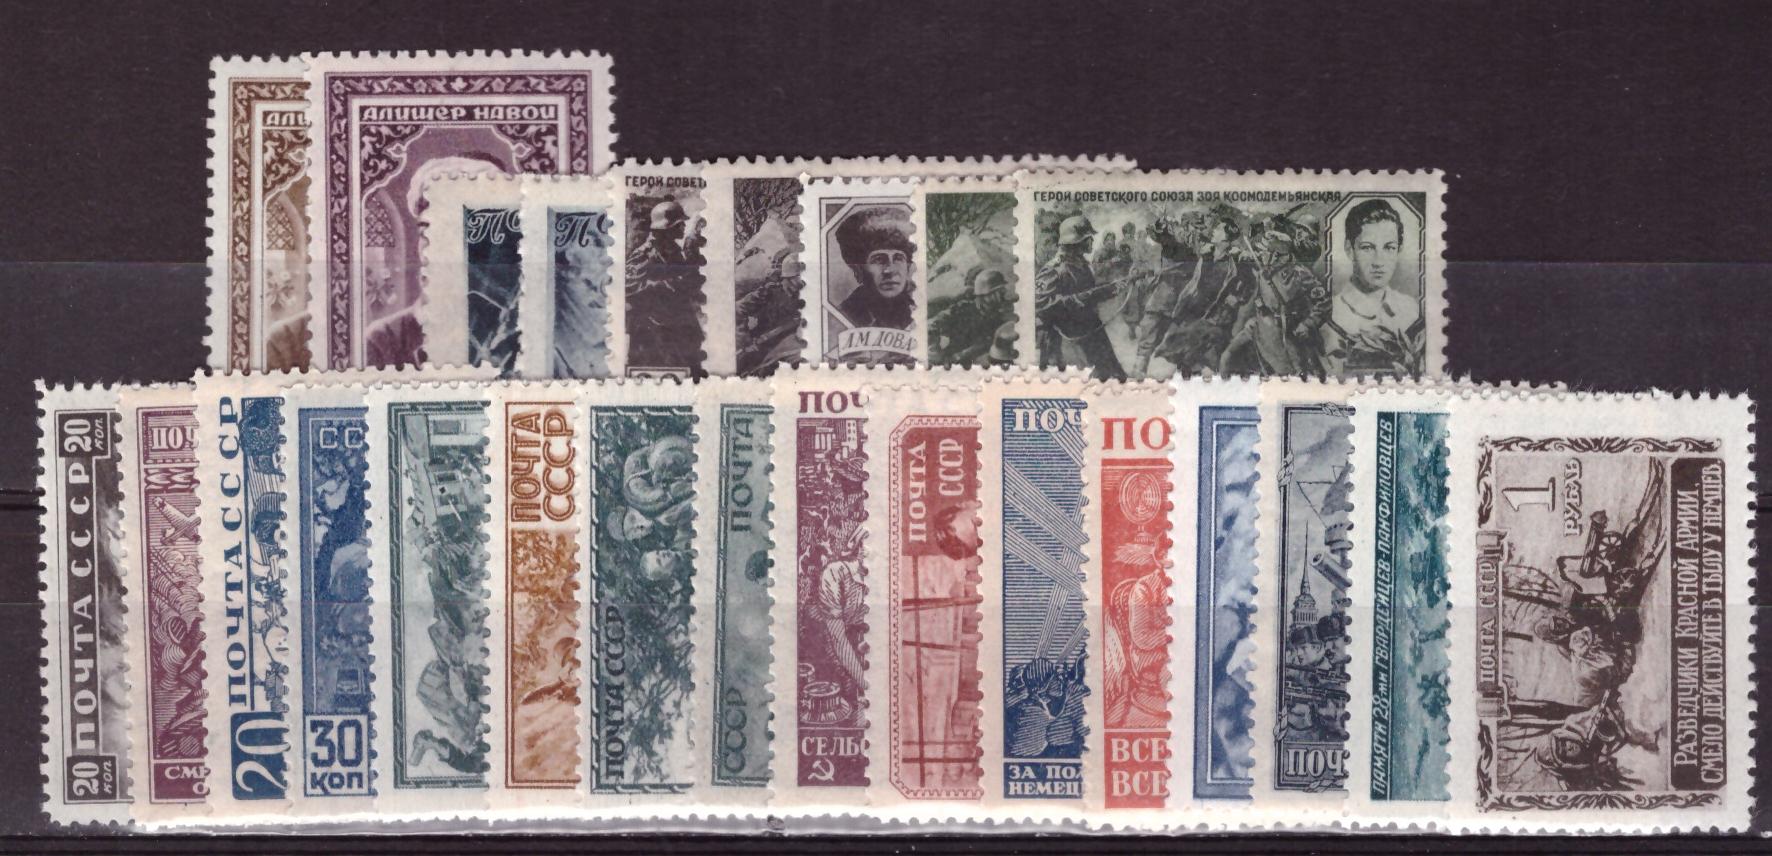 Годовой набор почтовых марок СССР 1942 год, 25 марок.